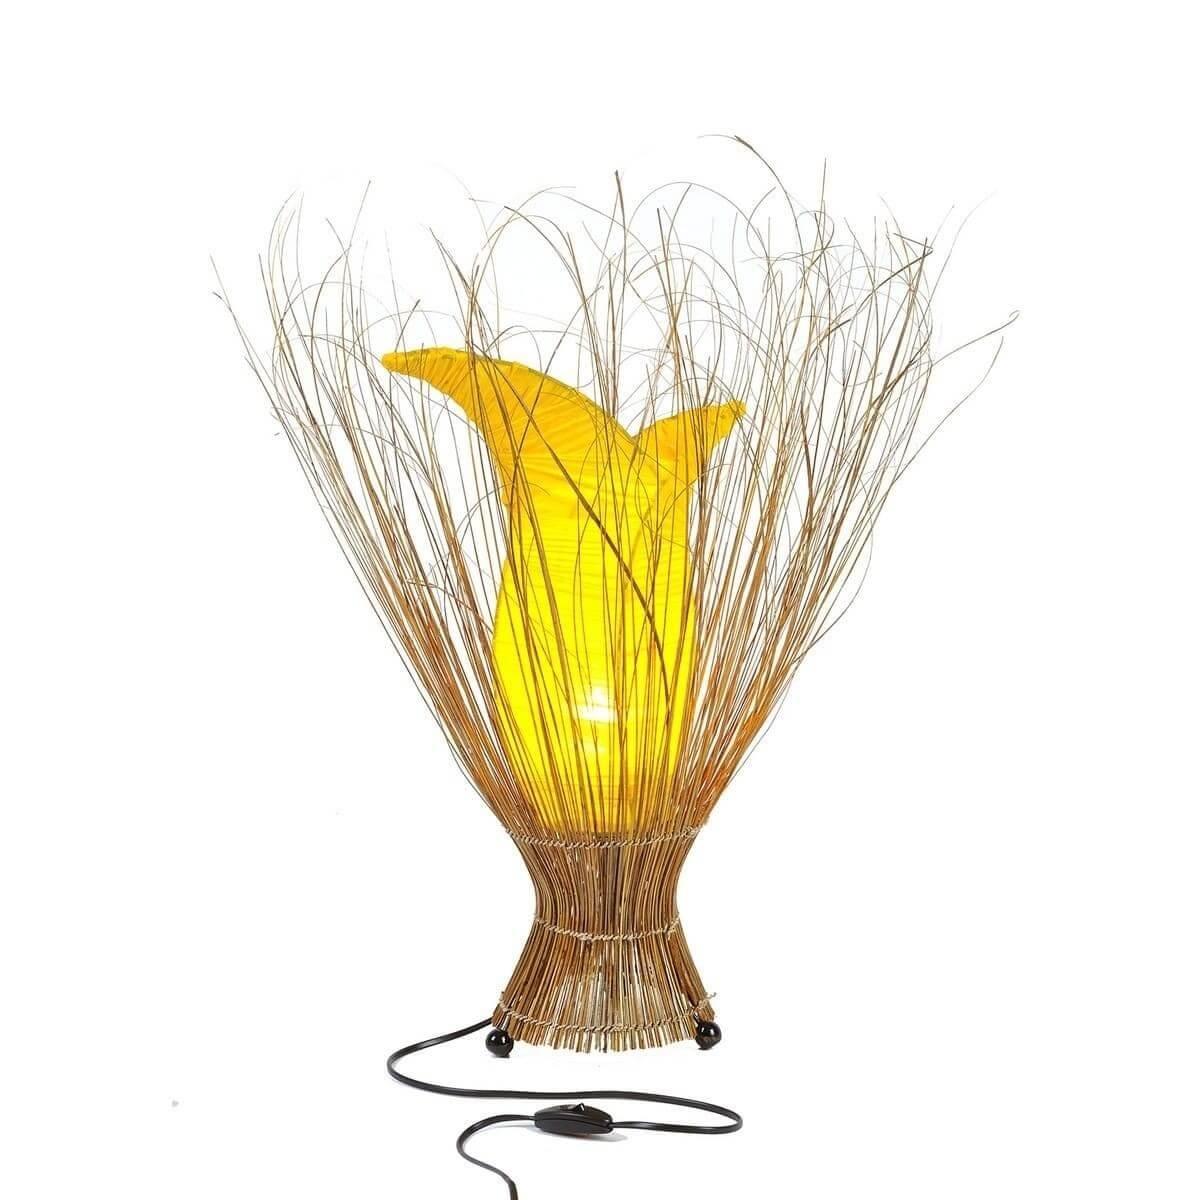 deko leuchte stimmungsleuchte stehleuchte tischleuchte tischlampe bali tulpe gr ebay. Black Bedroom Furniture Sets. Home Design Ideas